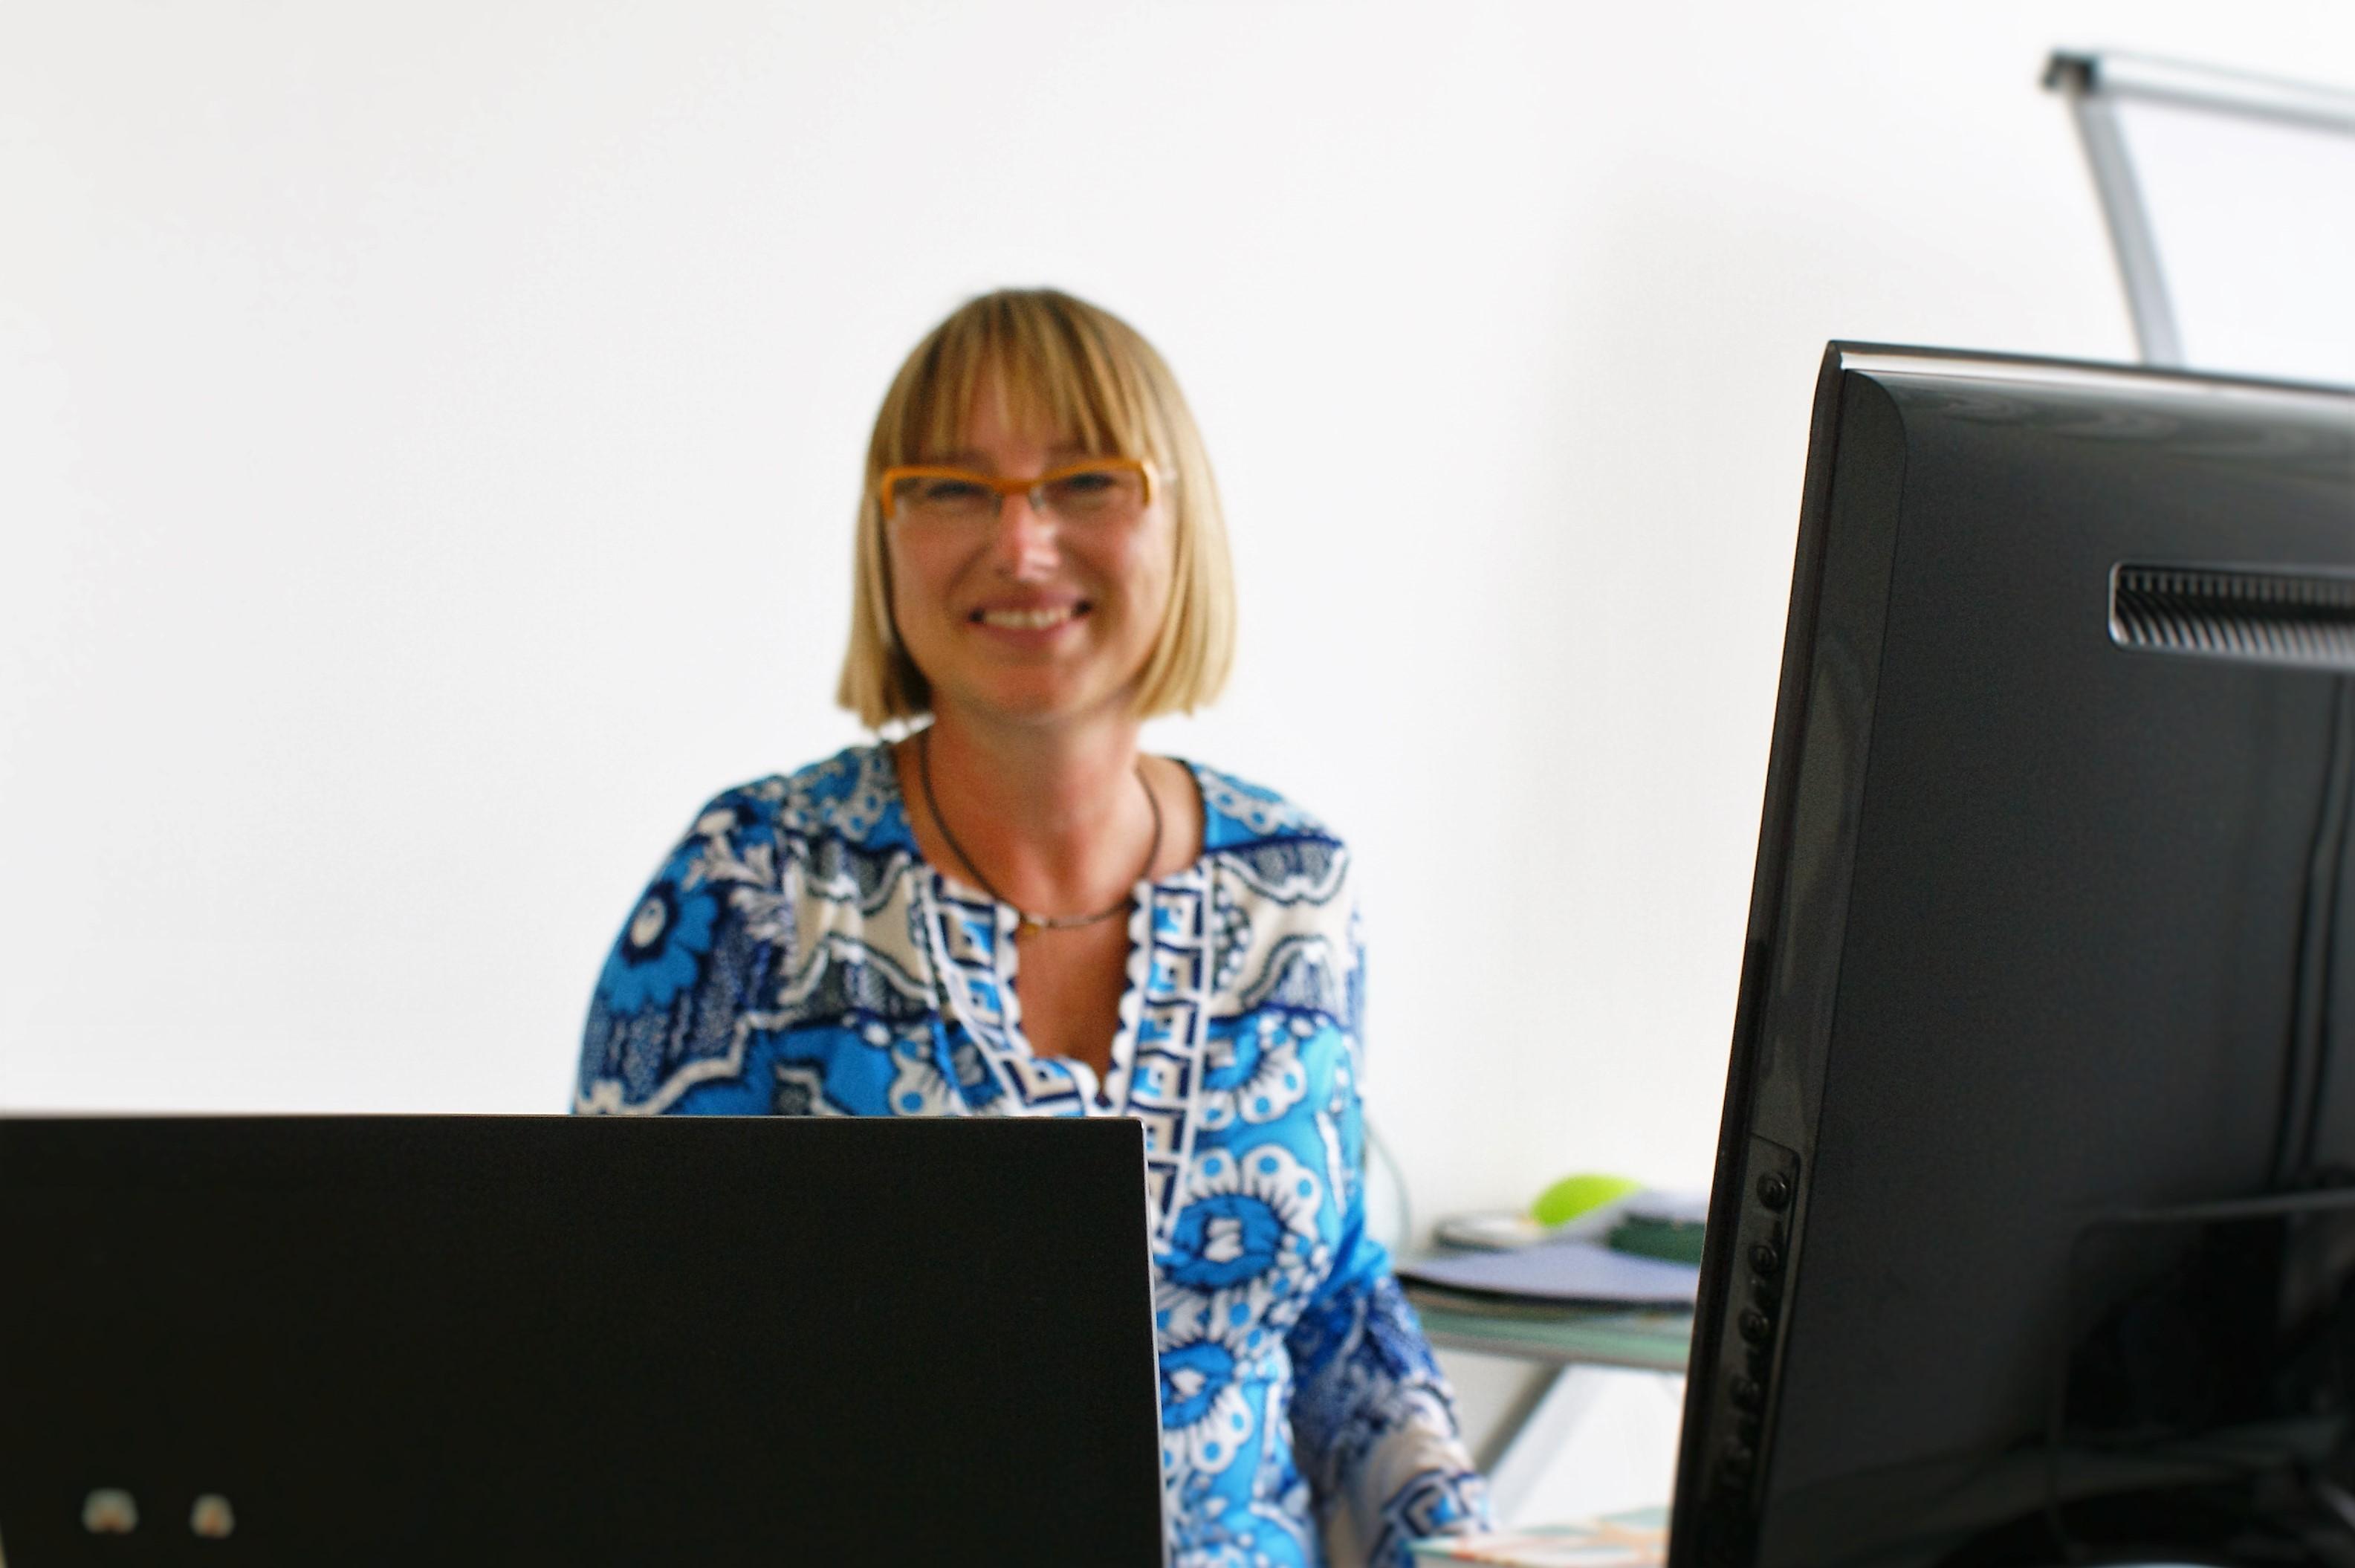 """Nikola Alberts ist Inhaberin von """"F&O - Führungskräfte- und Organisationsentwicklung"""" mit Sitz in Köln. Sie hat an der Universität zu Köln Volkswirtschaft studiert. Im Anschluss war sie im Controlling eines Großunternehmens, bis sie die Möglichkeit hatte, in die Personalentwicklung umzusteigen. 2004 hat sie sich mit F&O selbständig gemacht und berät Unternehmen mit Industrie-Hintergrund."""